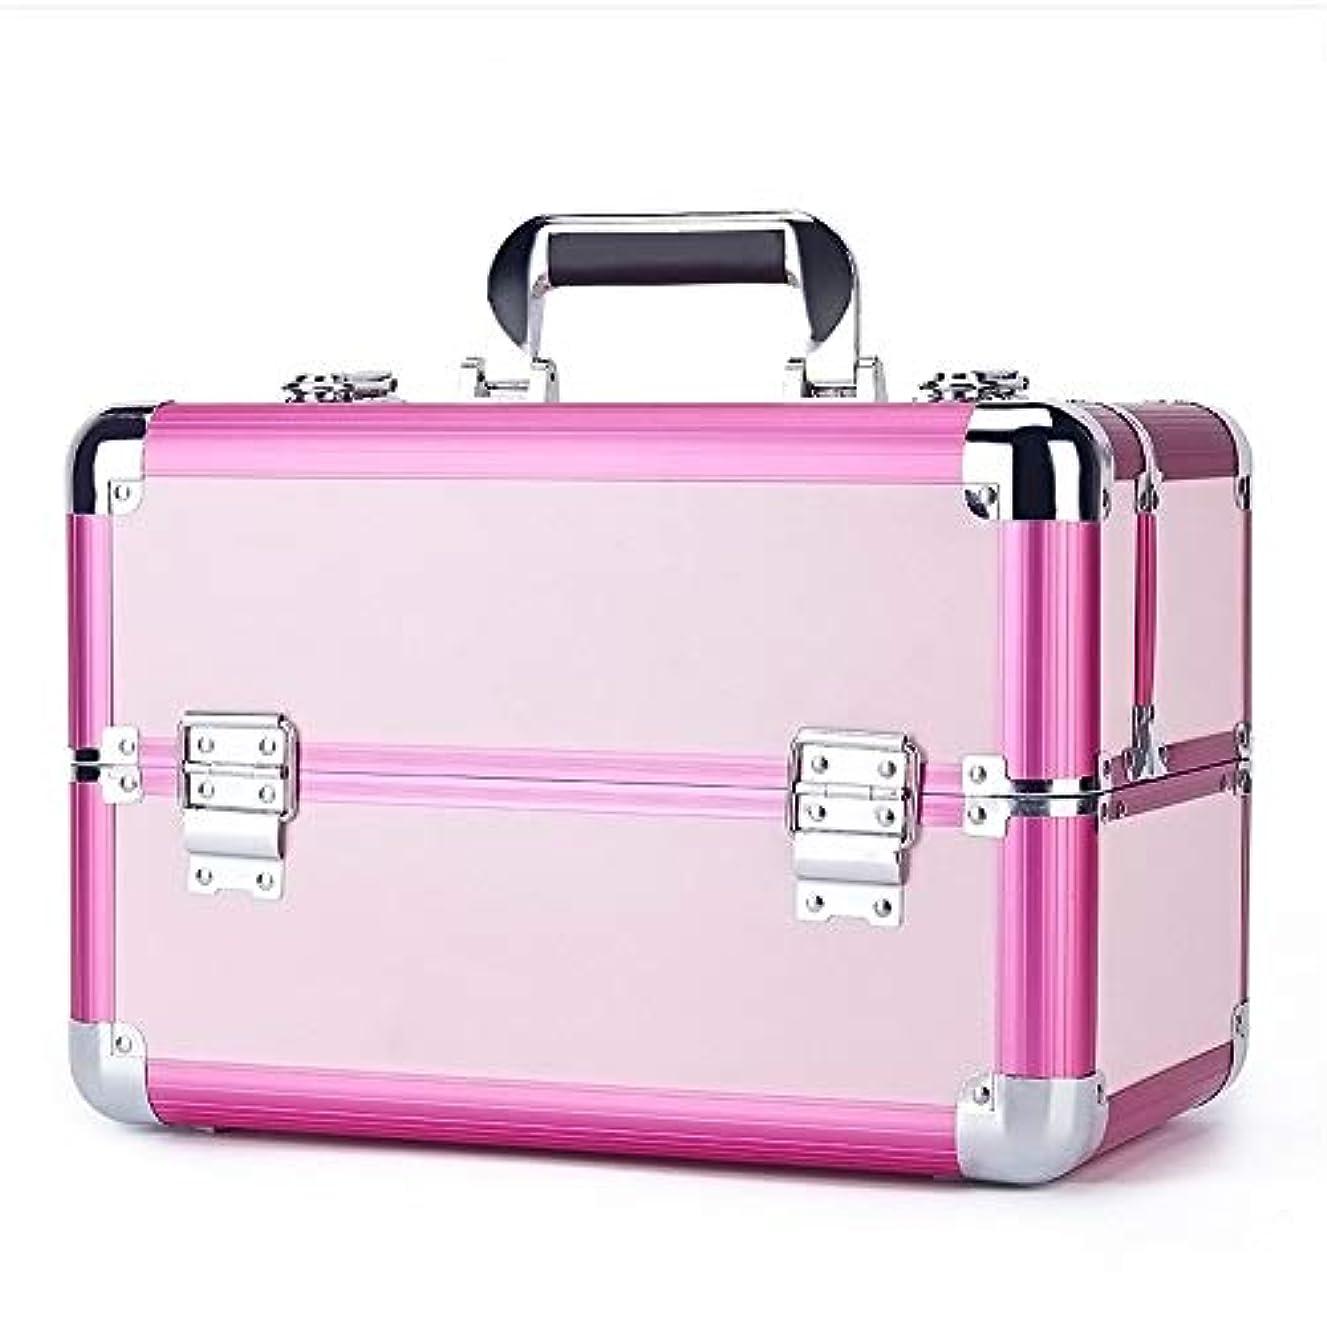 津波ポール縮約化粧オーガナイザーバッグ 旅行メイクアップバッグパターンメイクアップアーティストケーストレインボックス化粧品オーガナイザー収納用十代の女の子女性アーティスト 化粧品ケース (色 : ピンク)